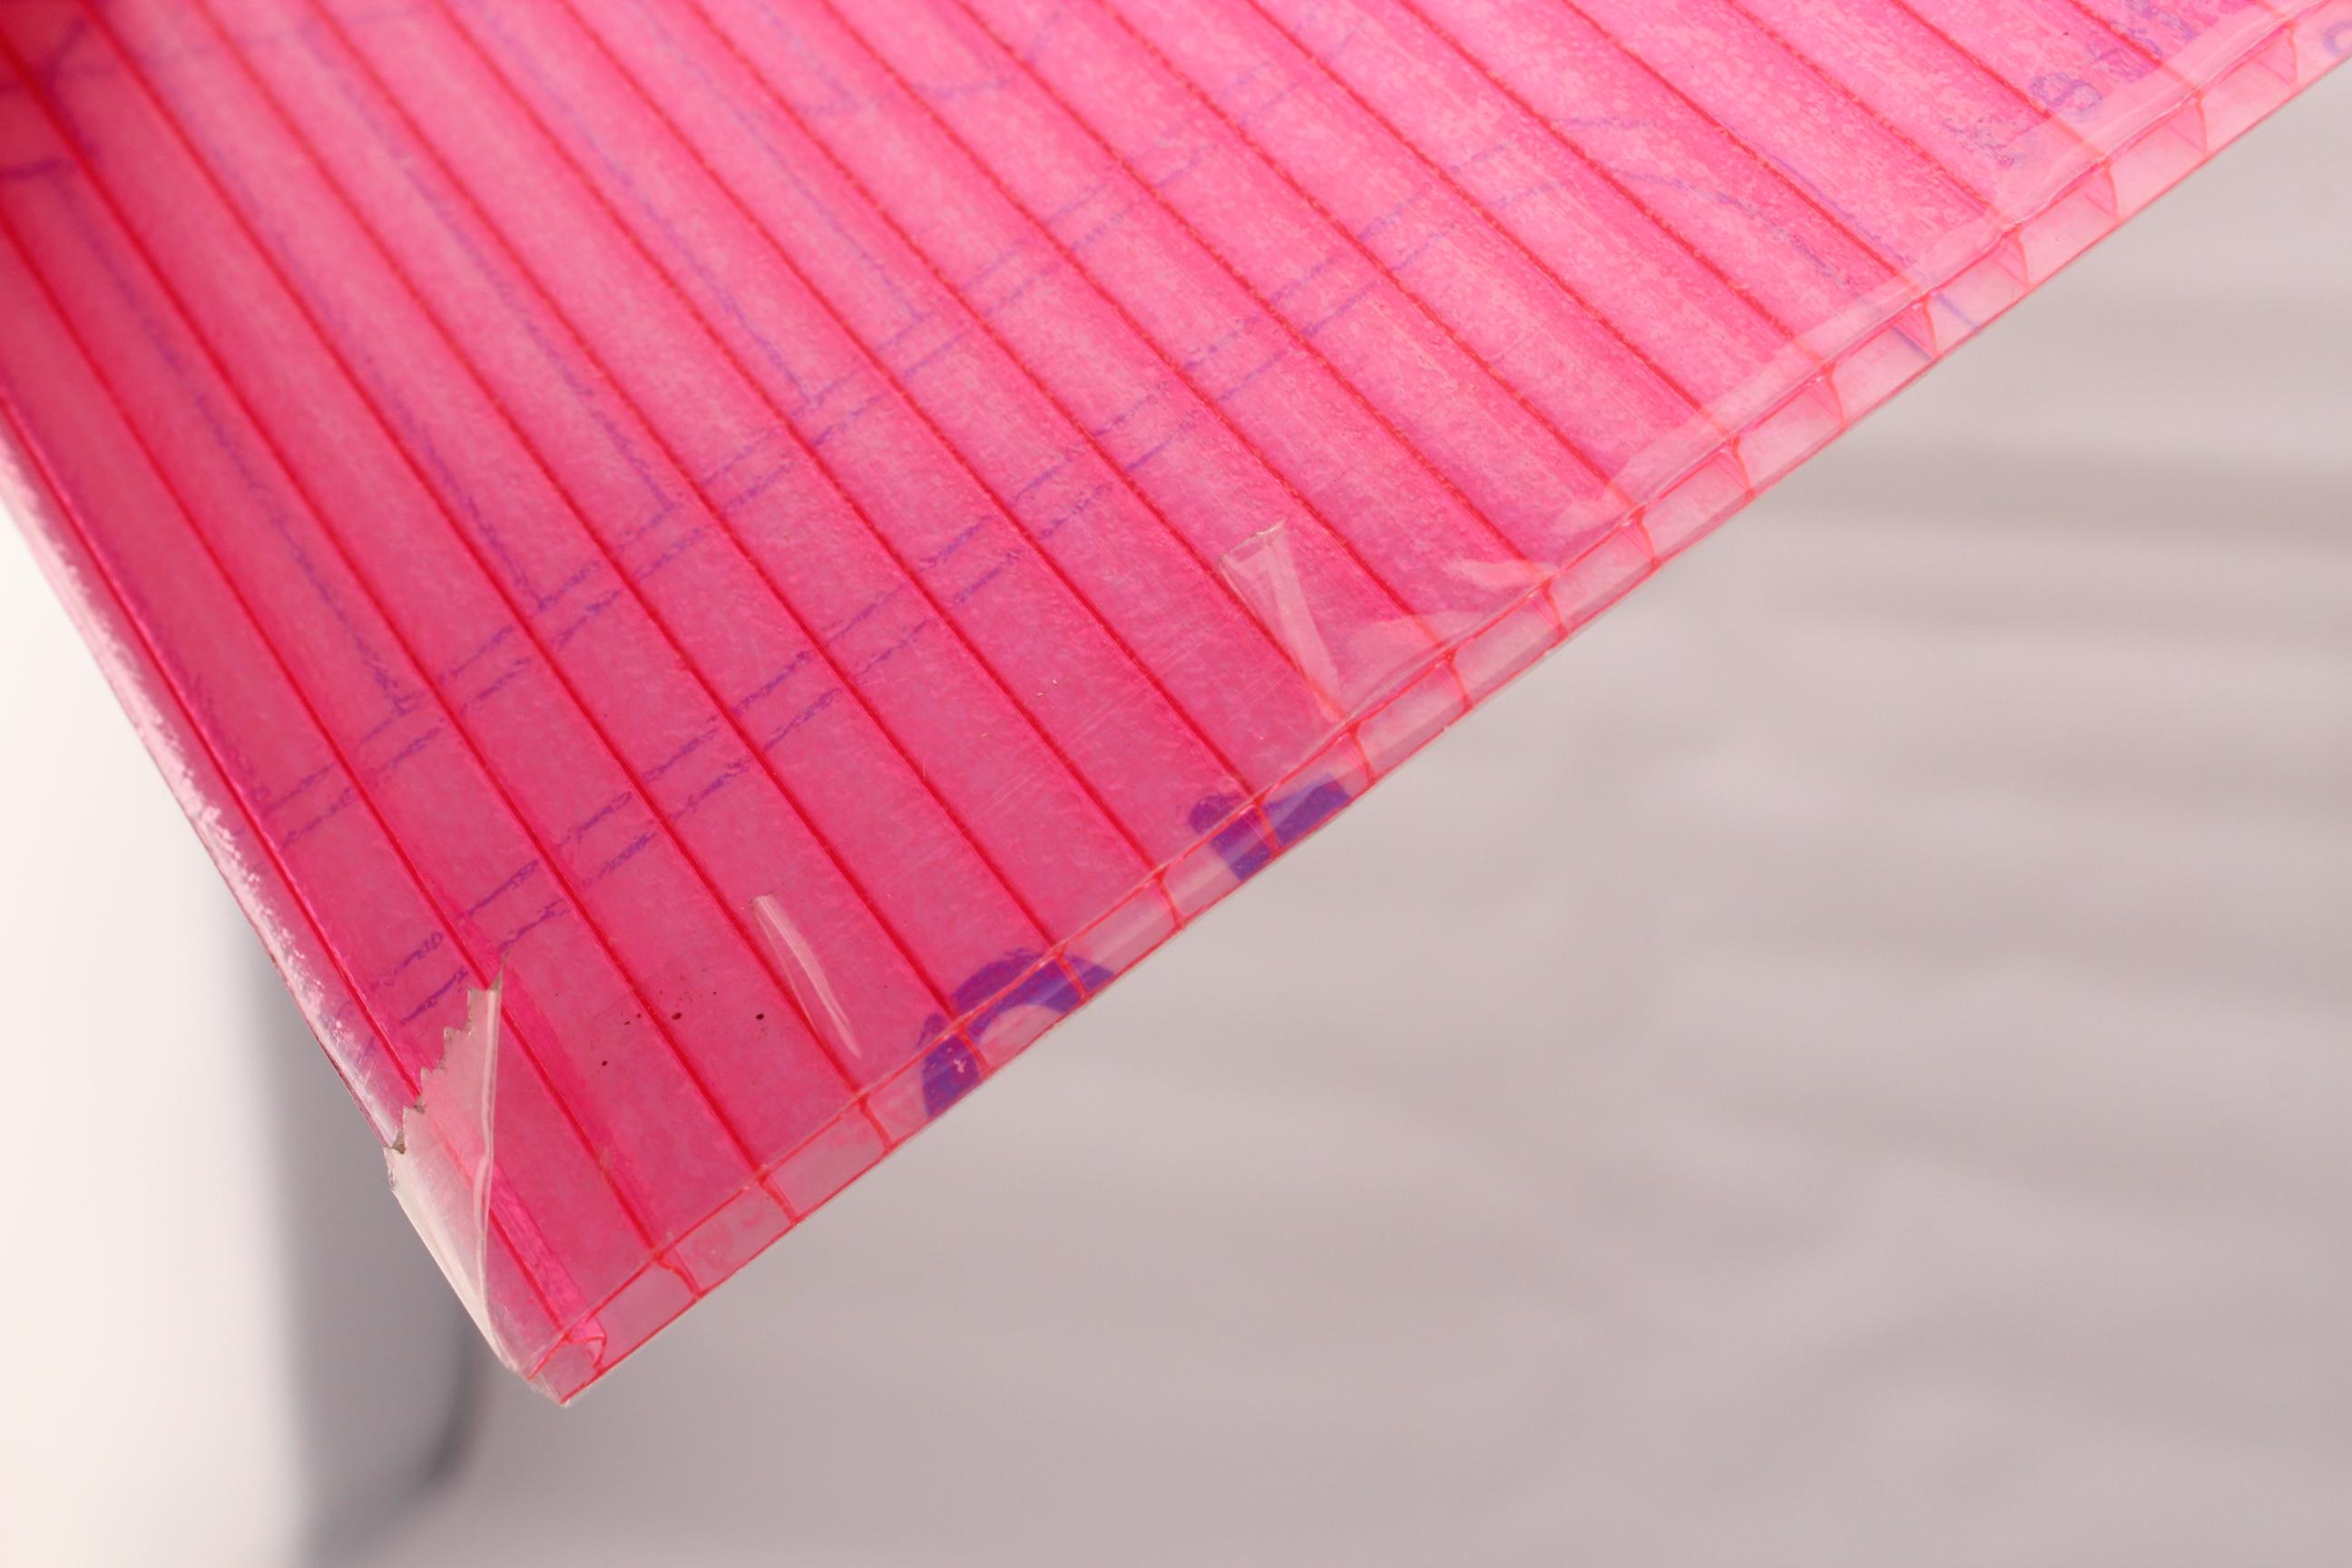 潍坊阳光板价格PC颗粒板PC板材加工阳光板车库图片